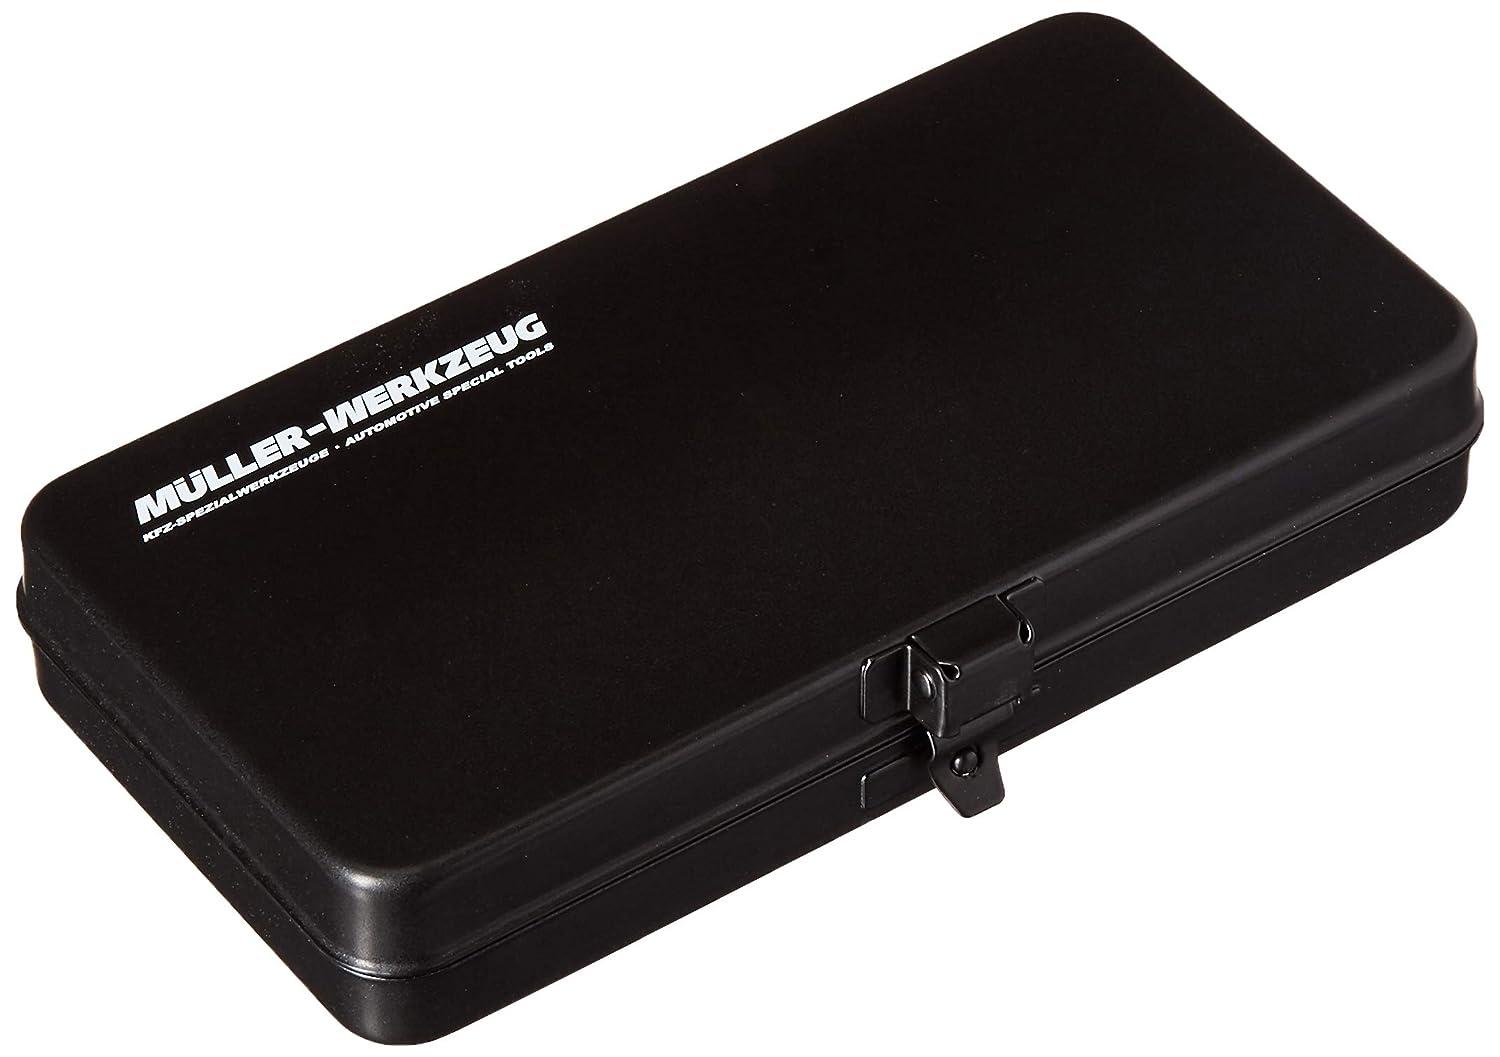 Mueller-Kueps MLK600248 Glow Plug Drill Kit M8x1